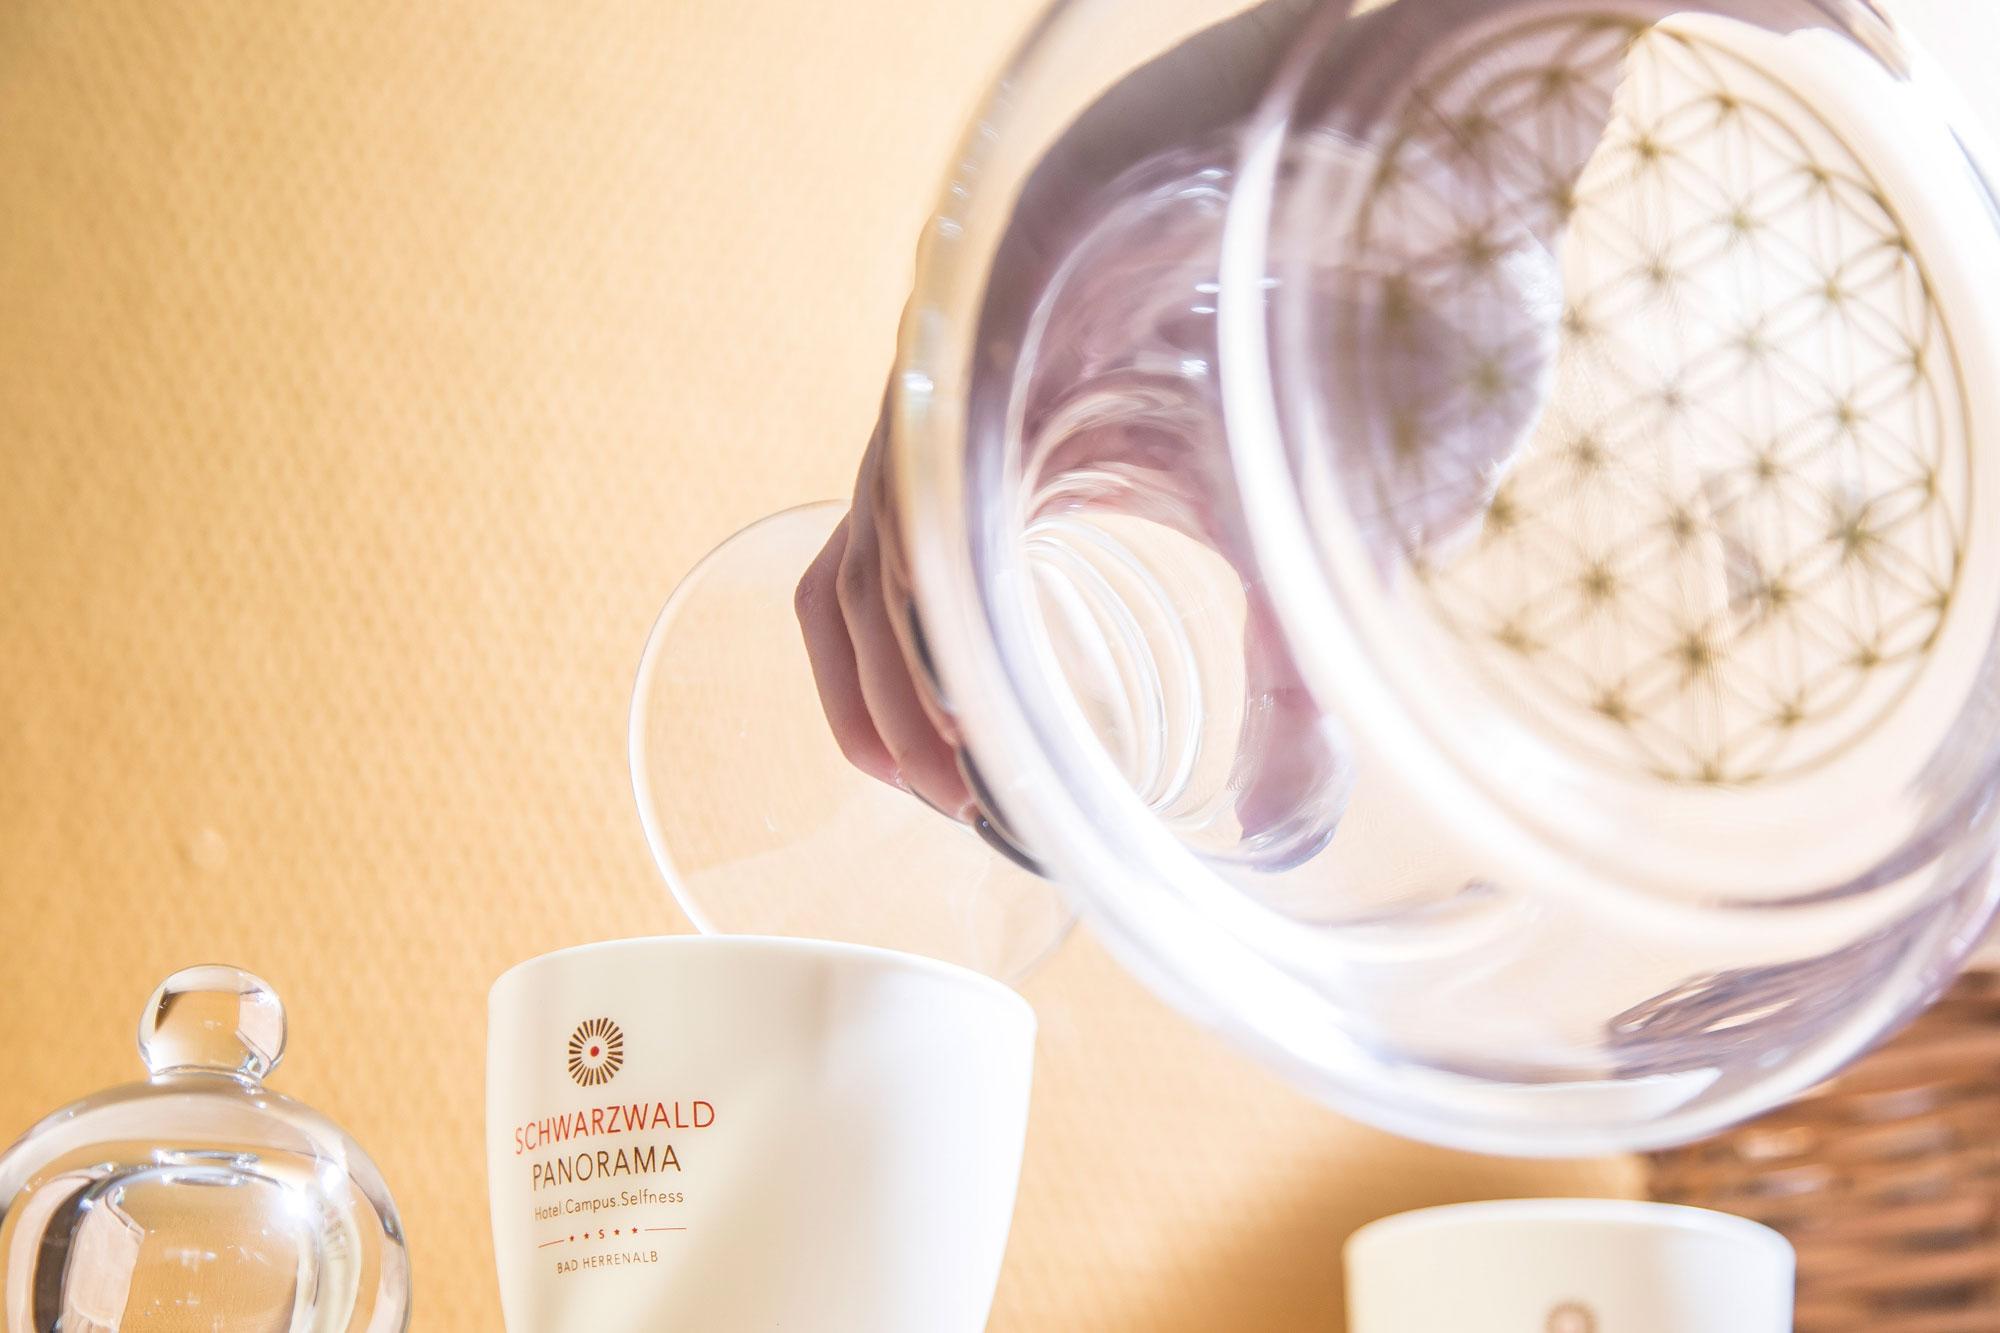 Detailaufnahme einer Wasserkaraffe und einer Kaffeetasse